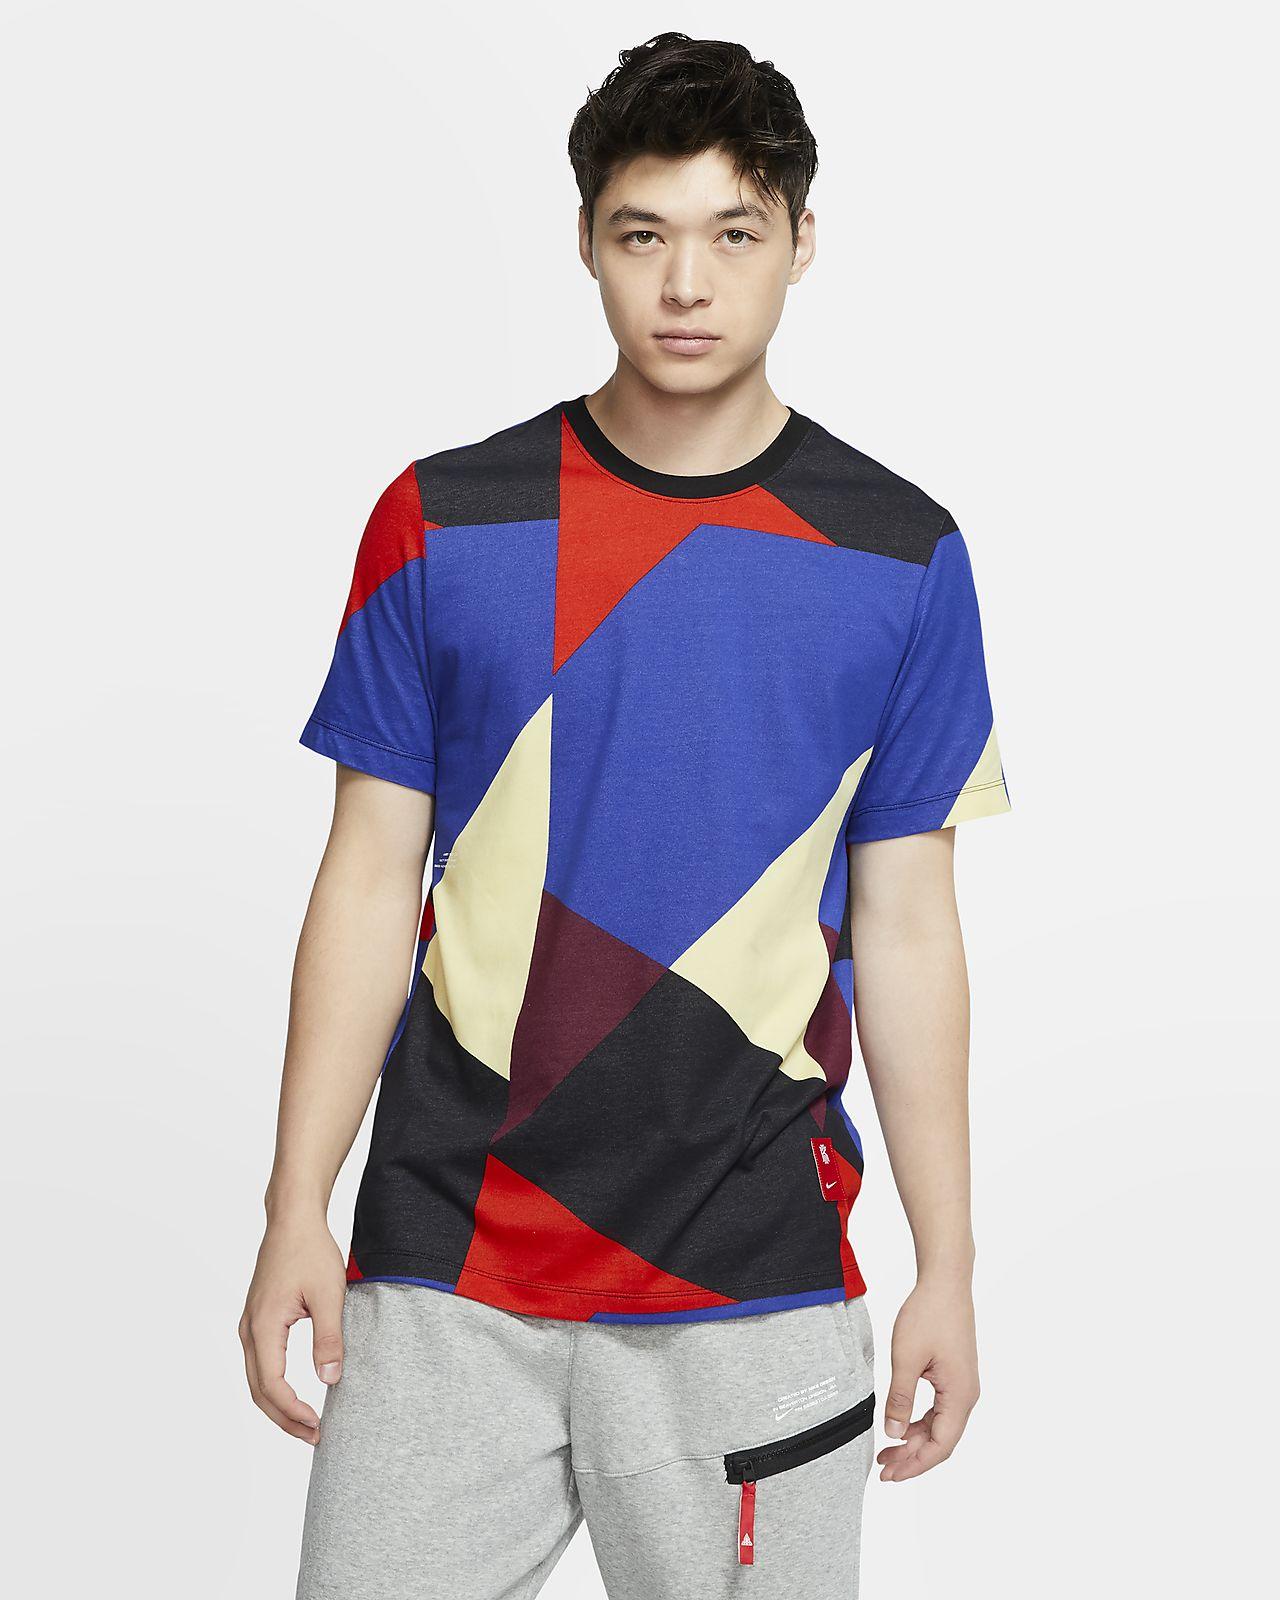 Nike Dri-FIT Kyrie férfi kosárlabdás póló